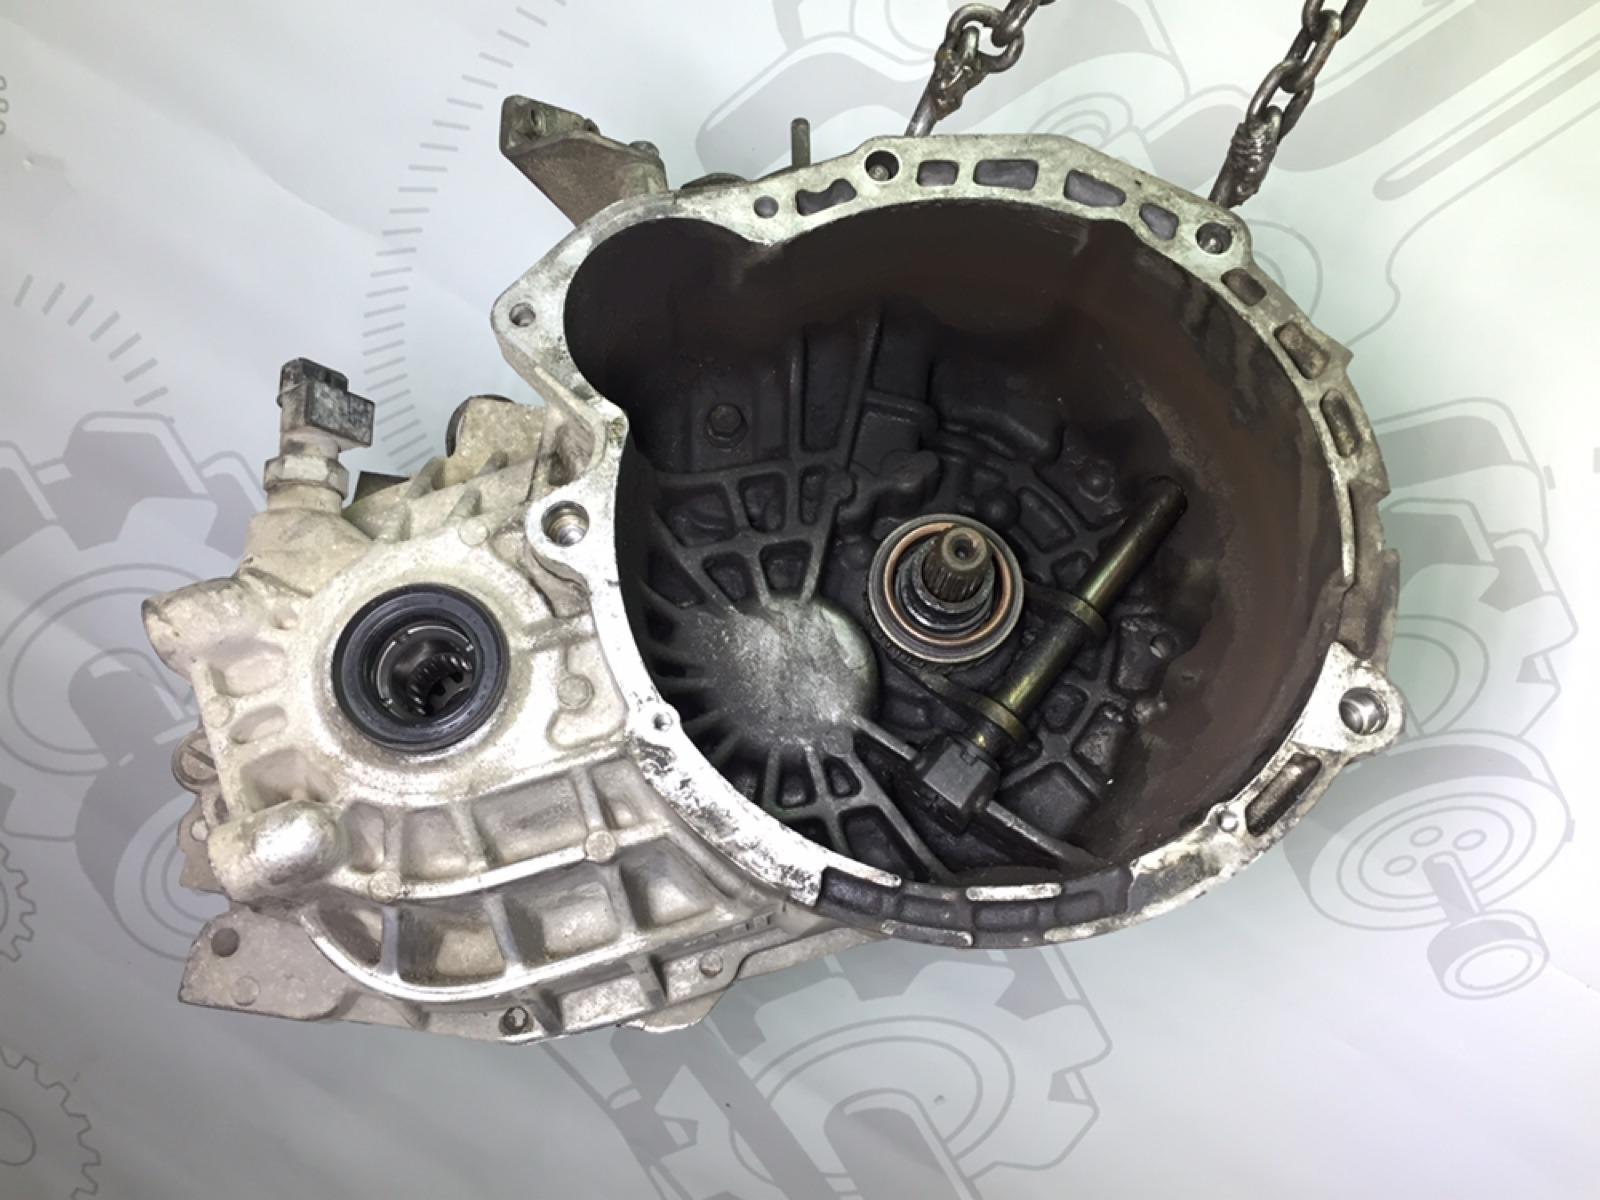 Кпп механическая (мкпп) Hyundai Getz 1.1 I 2003 (б/у)